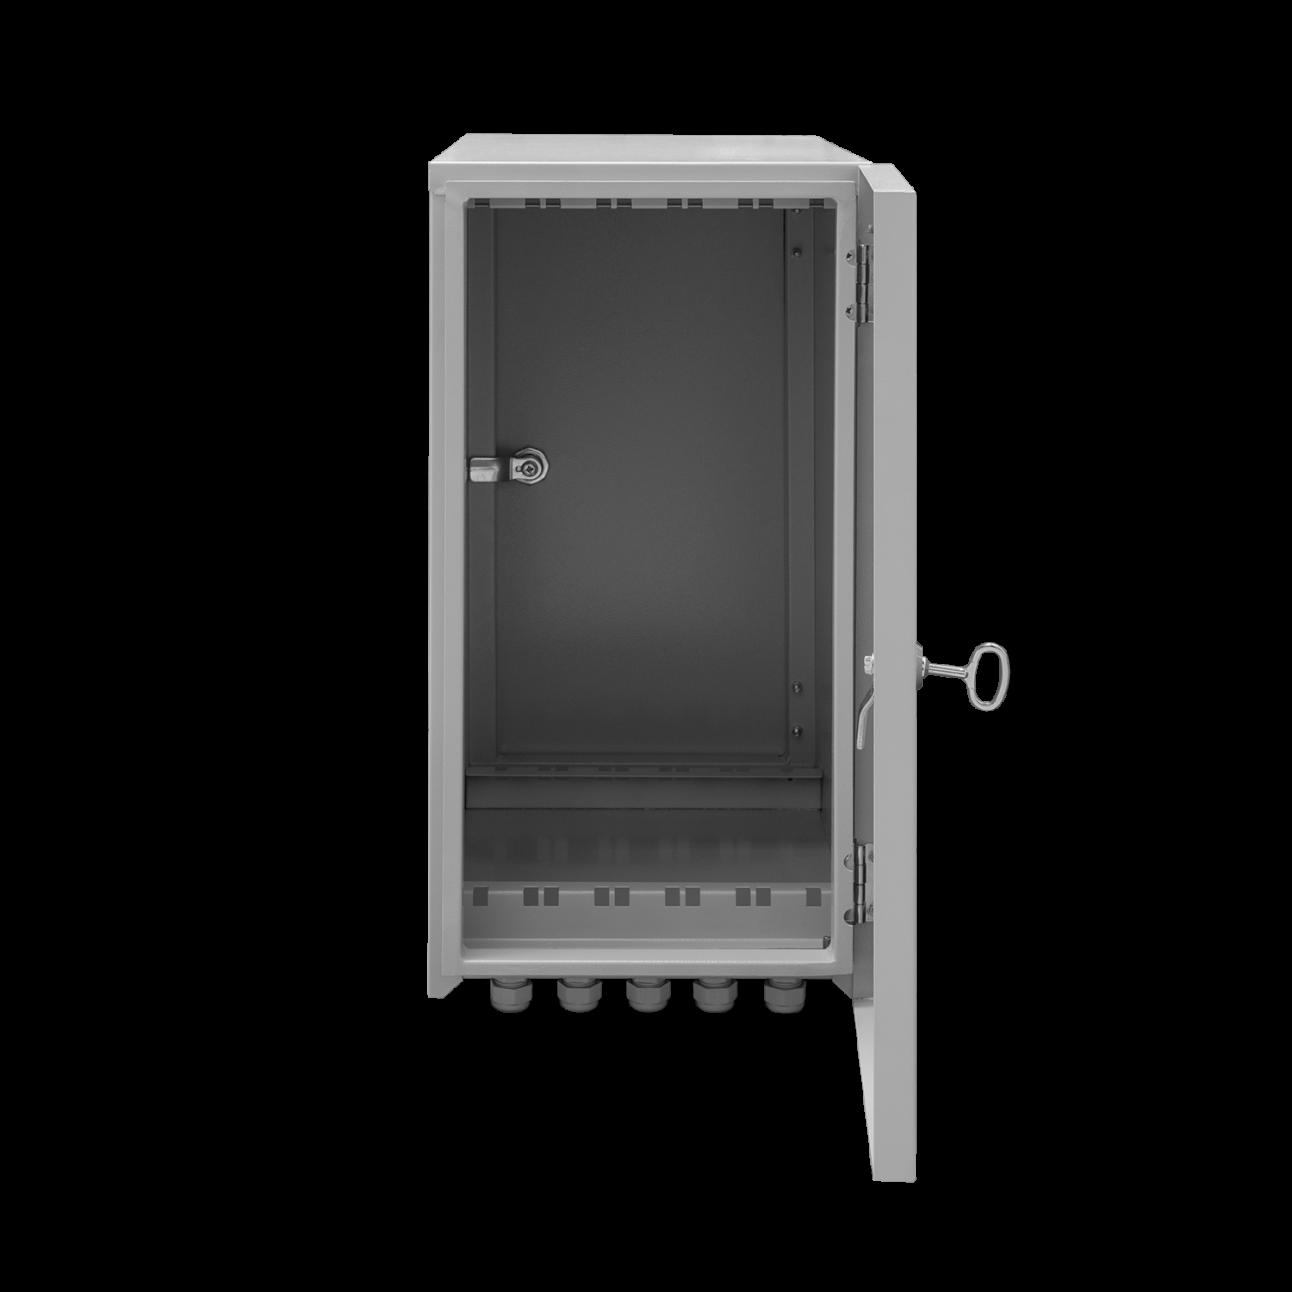 Шкаф уличный серии Real, 5U, 536х474х269, RAL7035